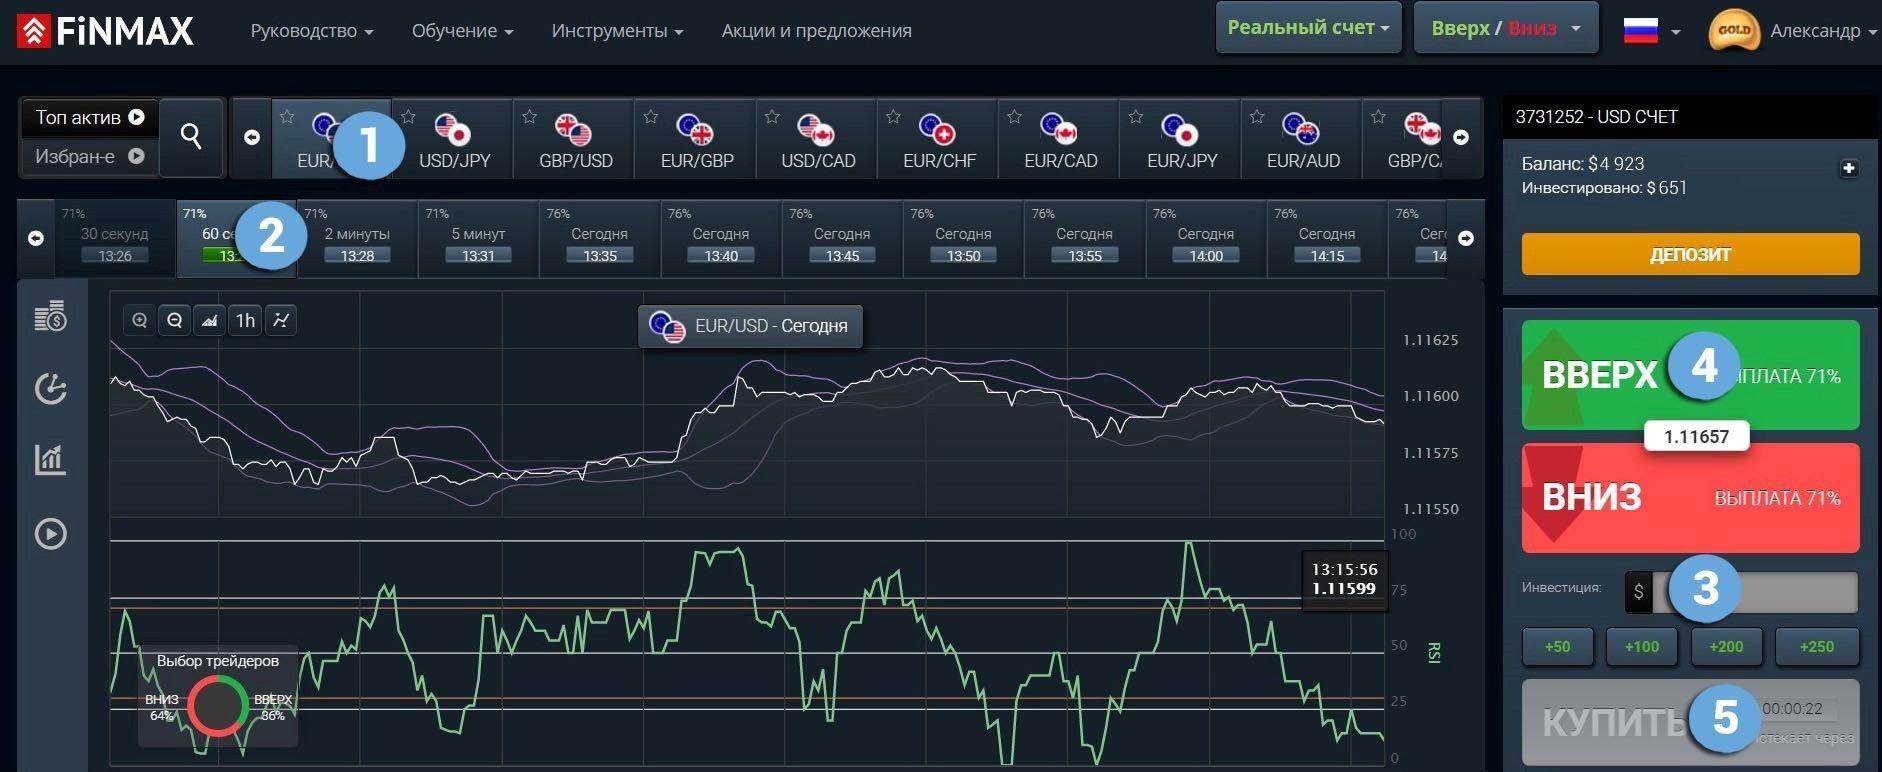 Воспользуйтесь моментом нисходящего тренда рынка и сделайте ставку КОЛЛ у брокера Finmax